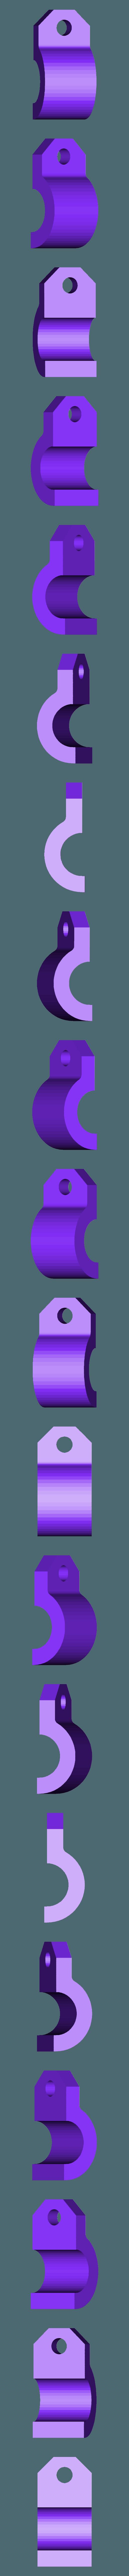 clip cable.stl Télécharger fichier STL gratuit guide cable • Design pour imprimante 3D, original78